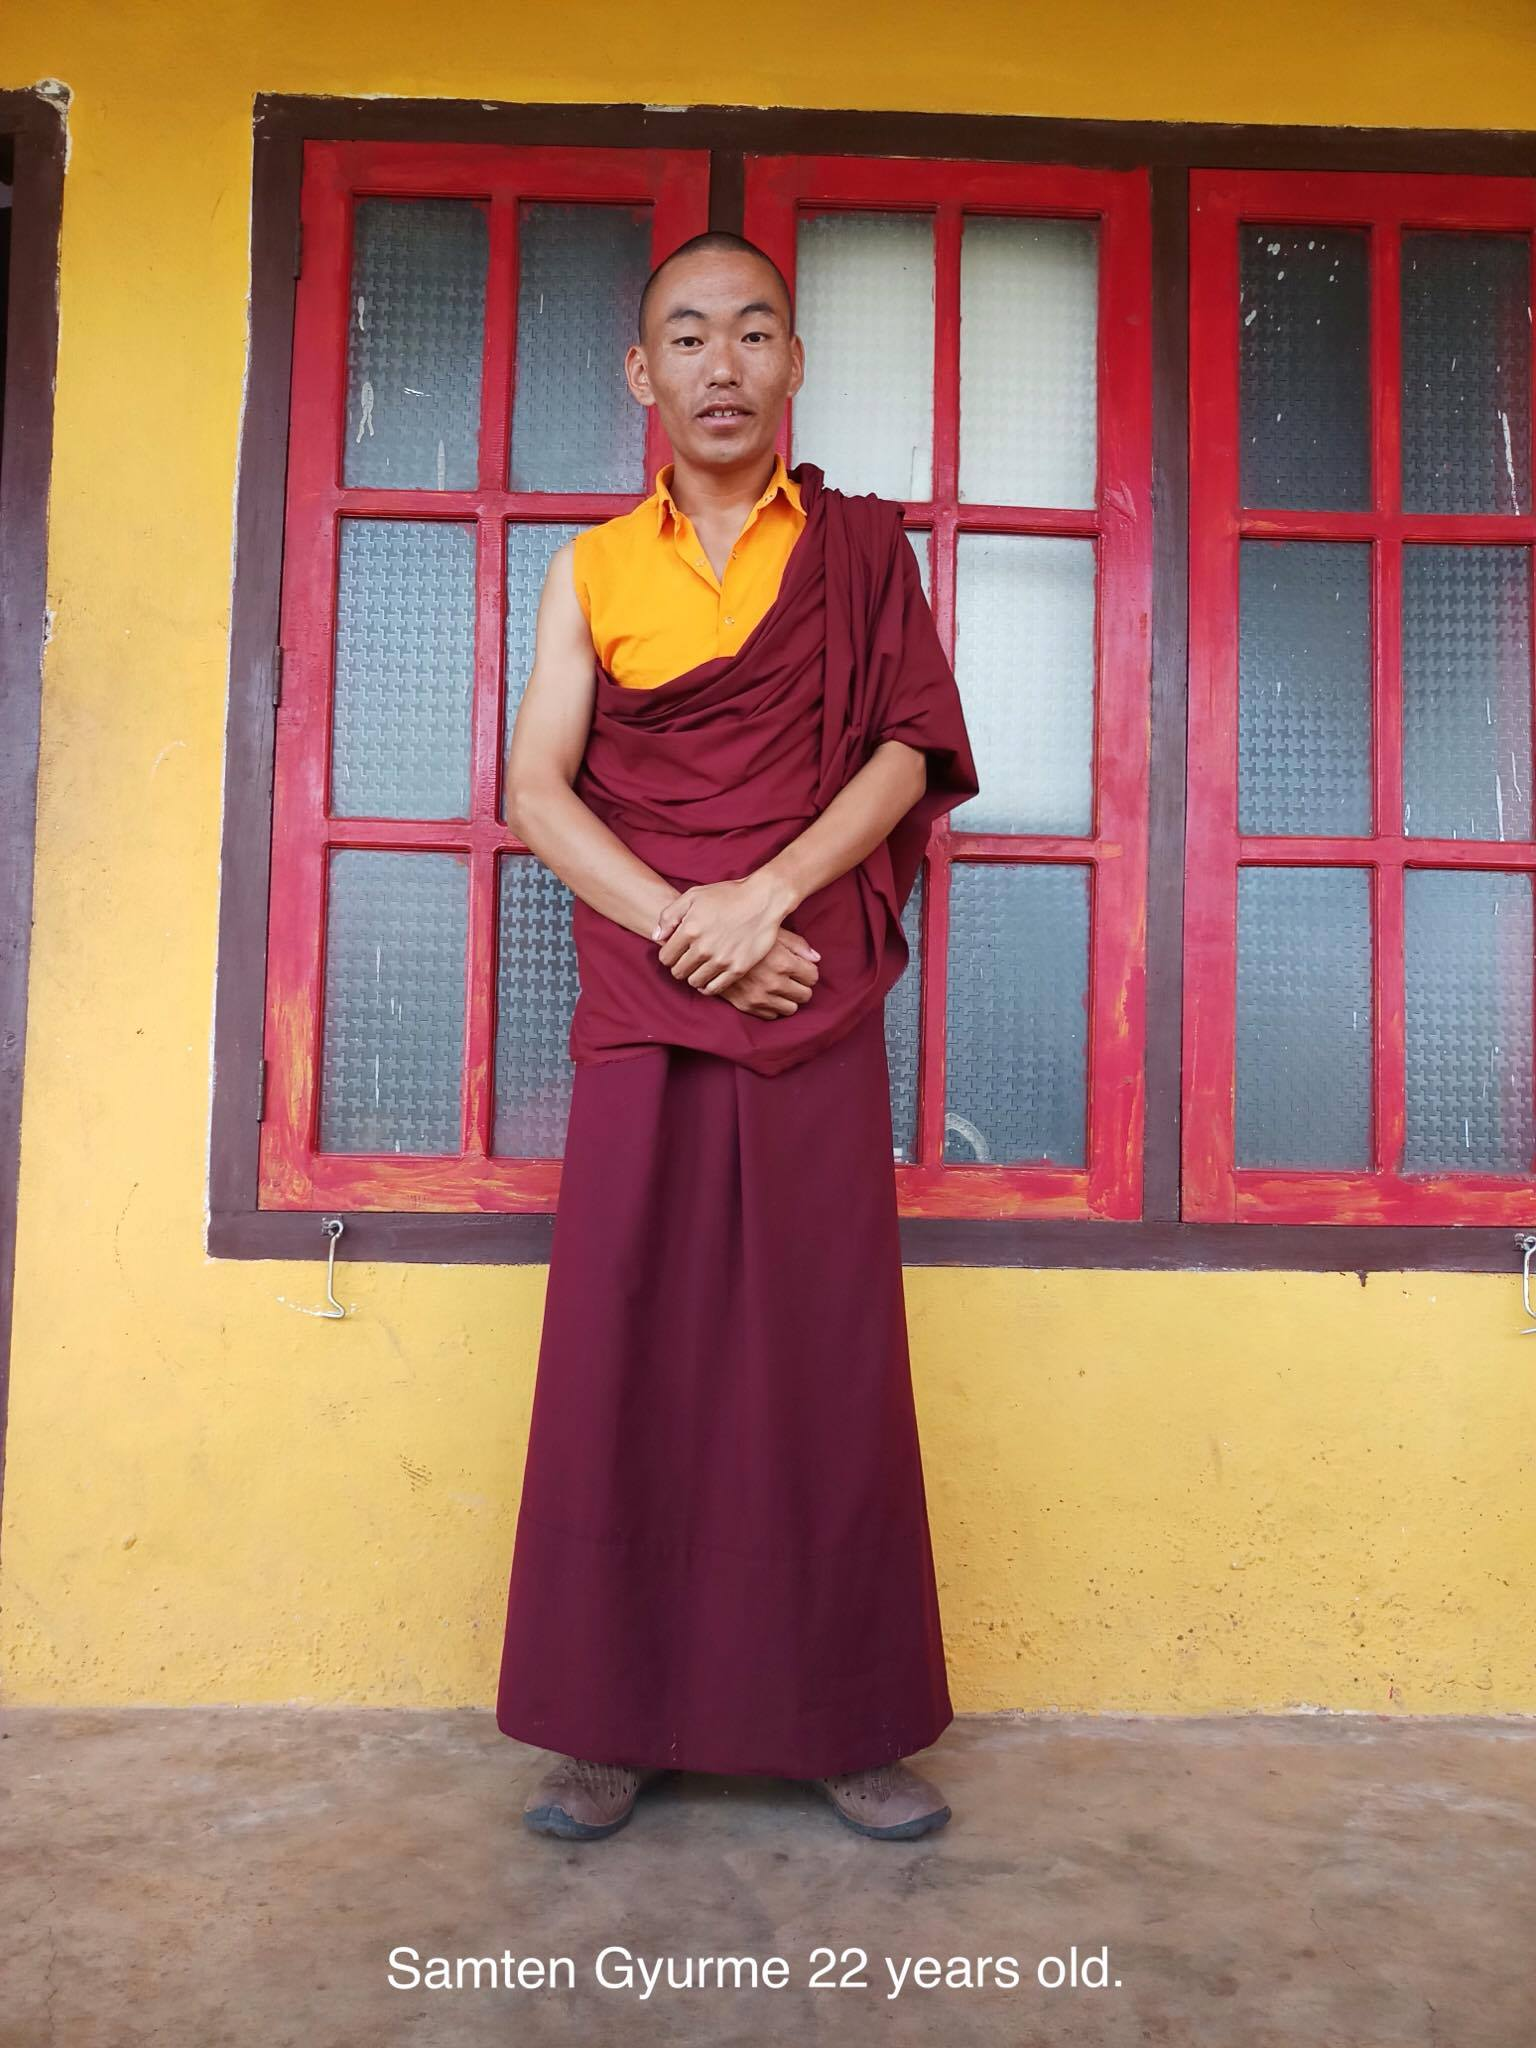 Monk_Samten_Gyurme_22yrs_old.jpg